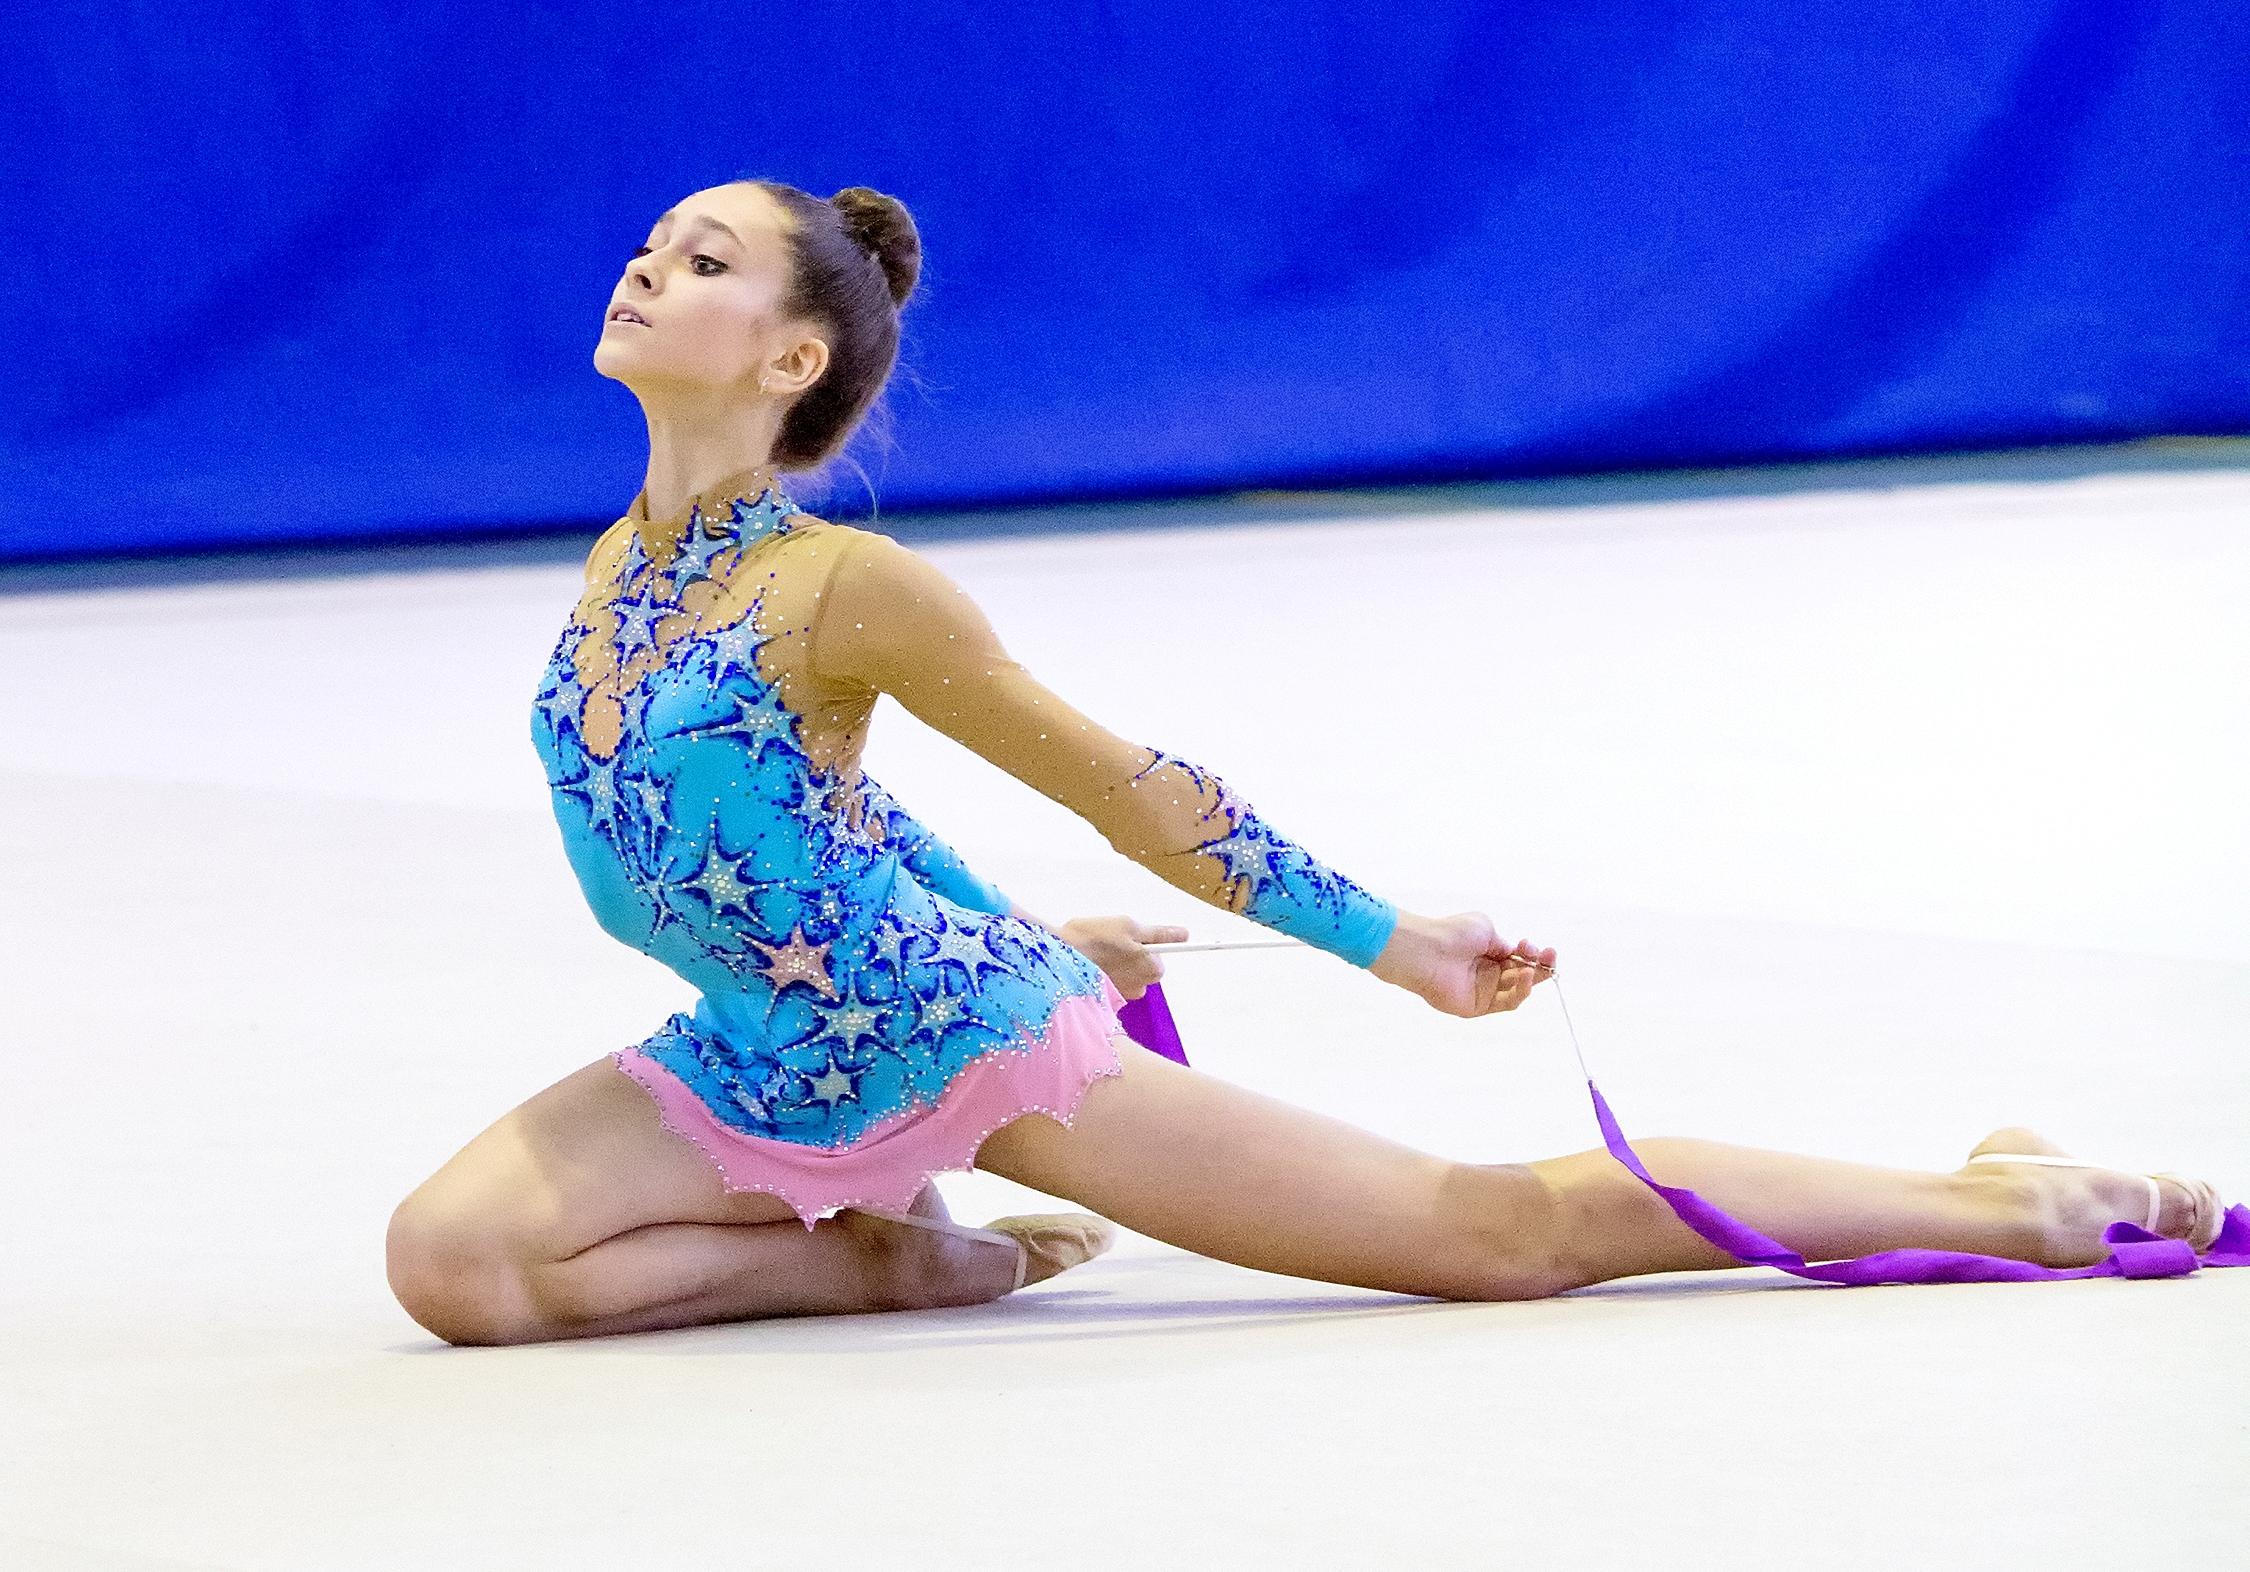 АНОНС! Областные  соревнования   среди обучающихся  по художественной гимнастике